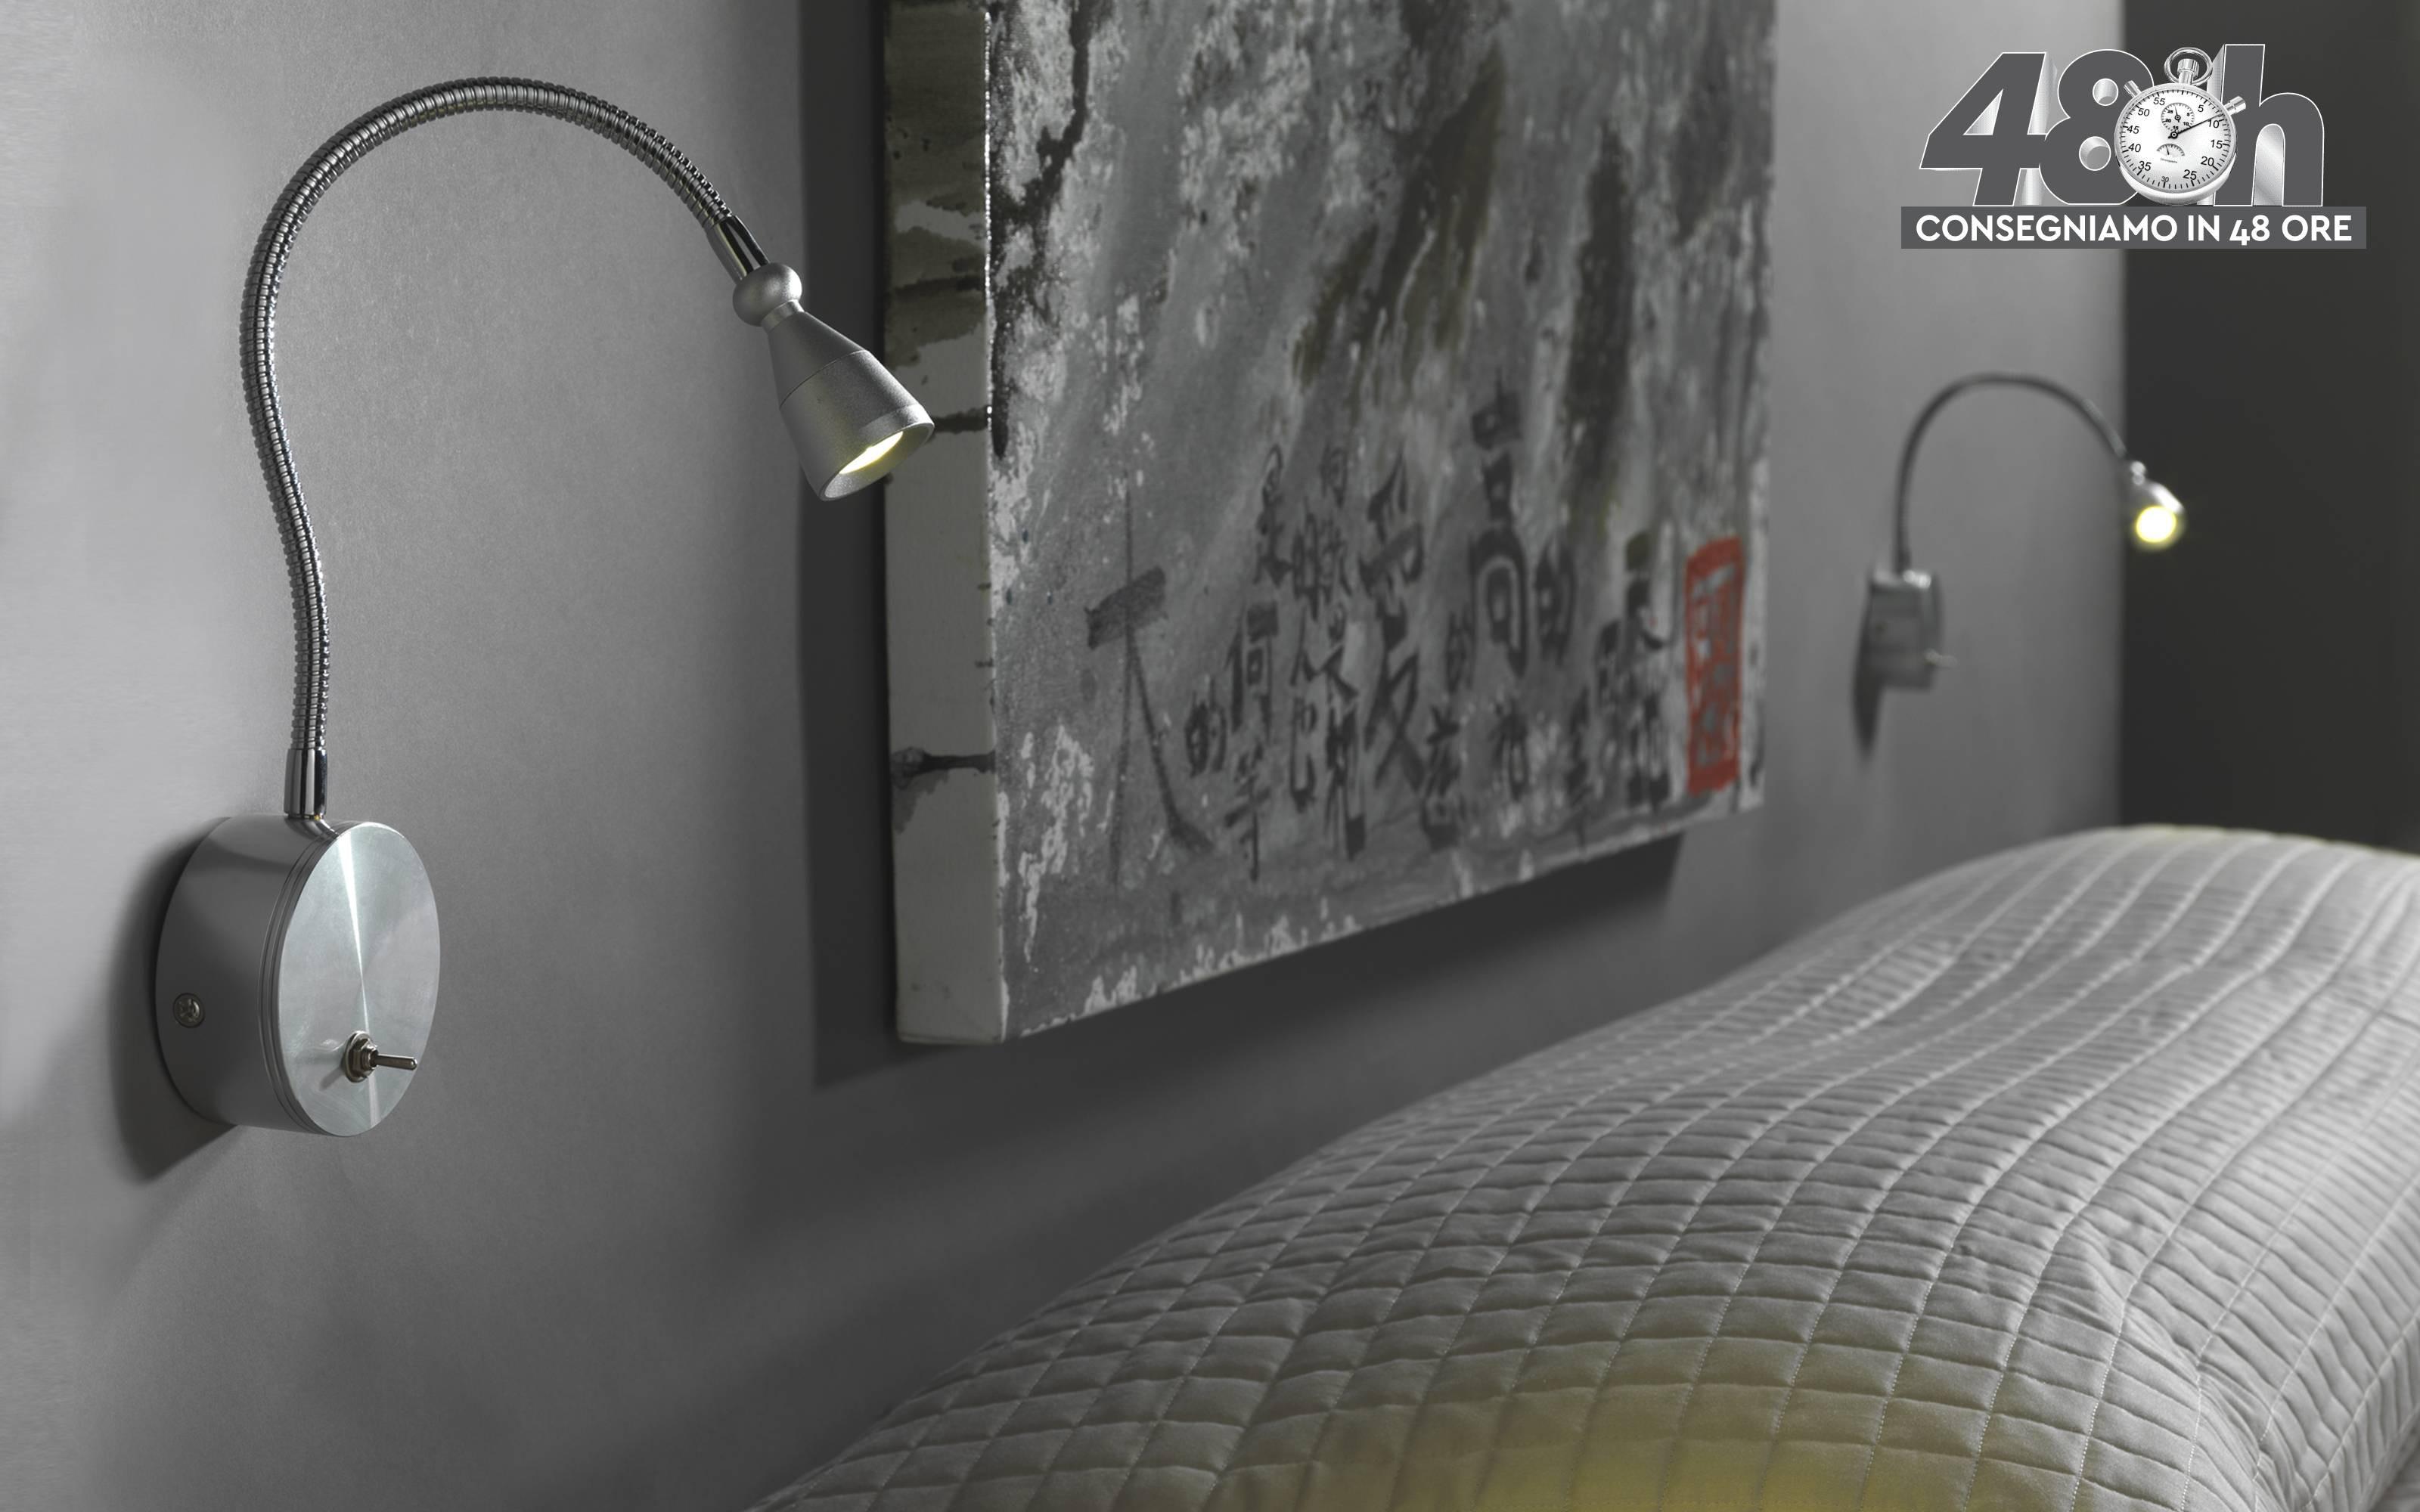 Applique flessibile compatibile con lampadina classe; a a a